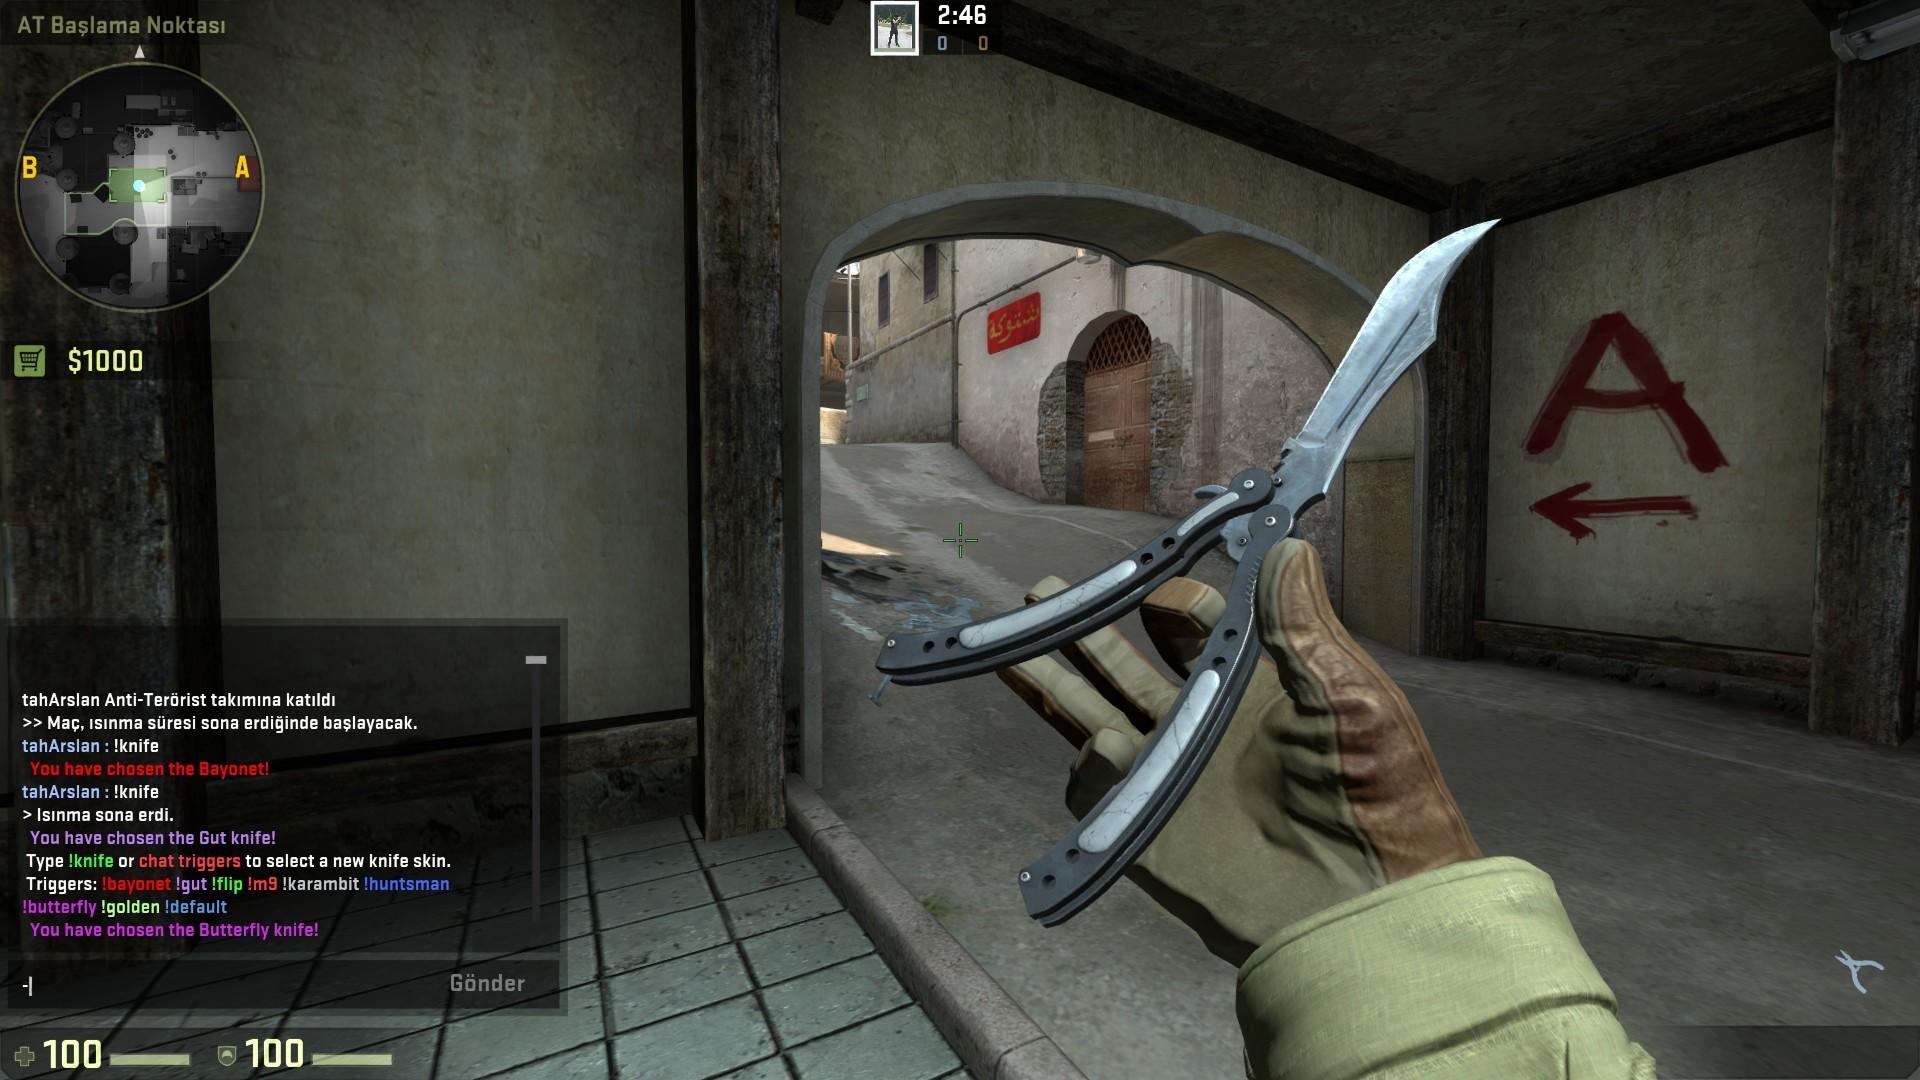 CS:GO Knife Upgrade Plugin / !knife Menü Plugini - Arşiv